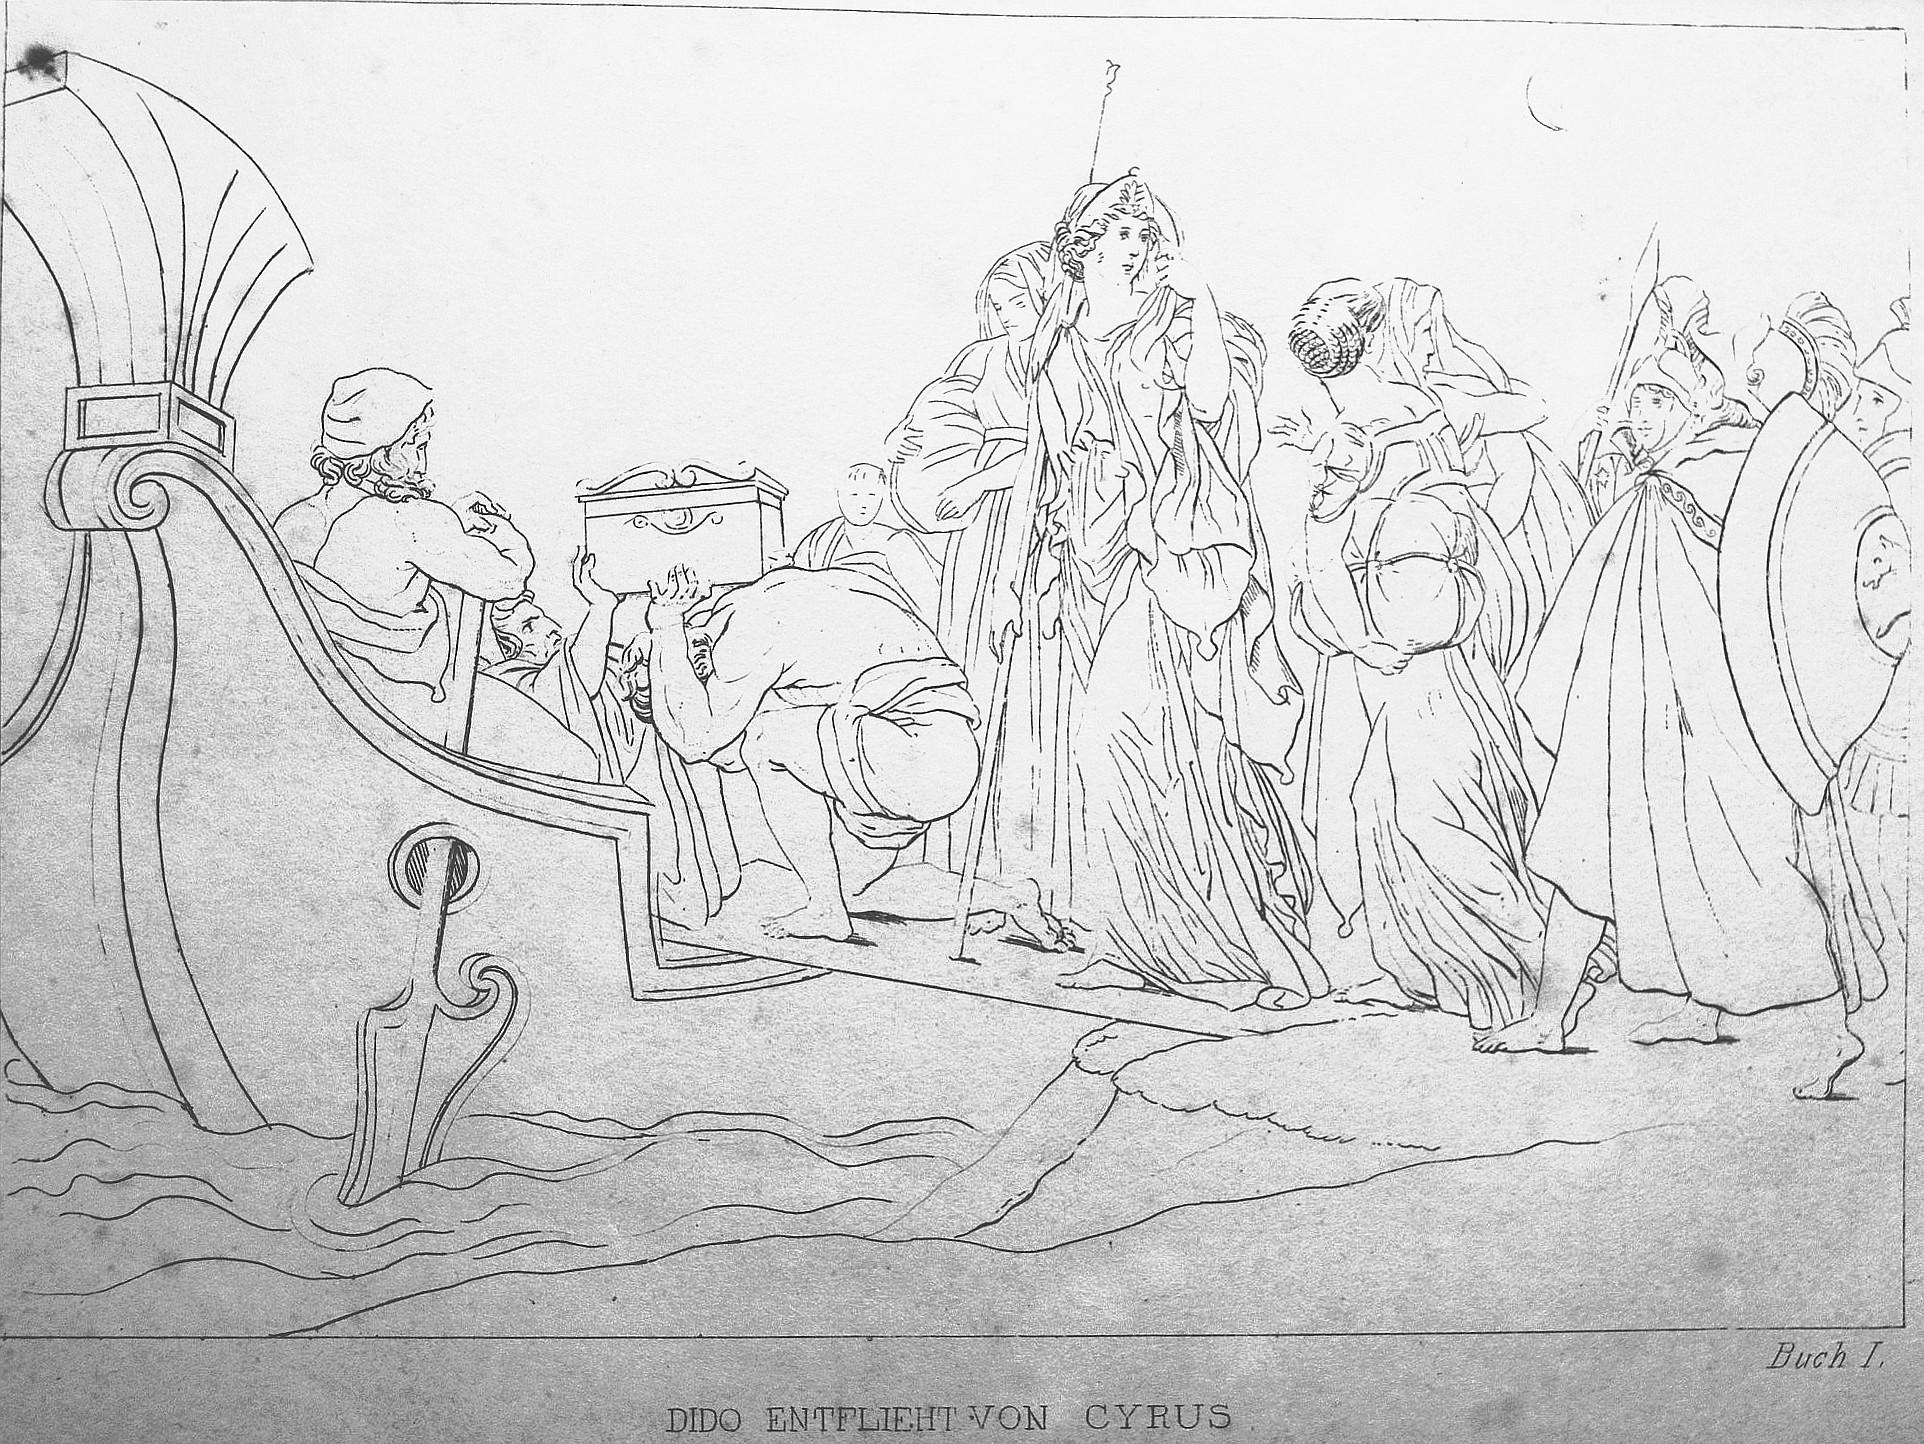 Dido entflieht von Tyrus - Vergil, Aeneis, großes Bild